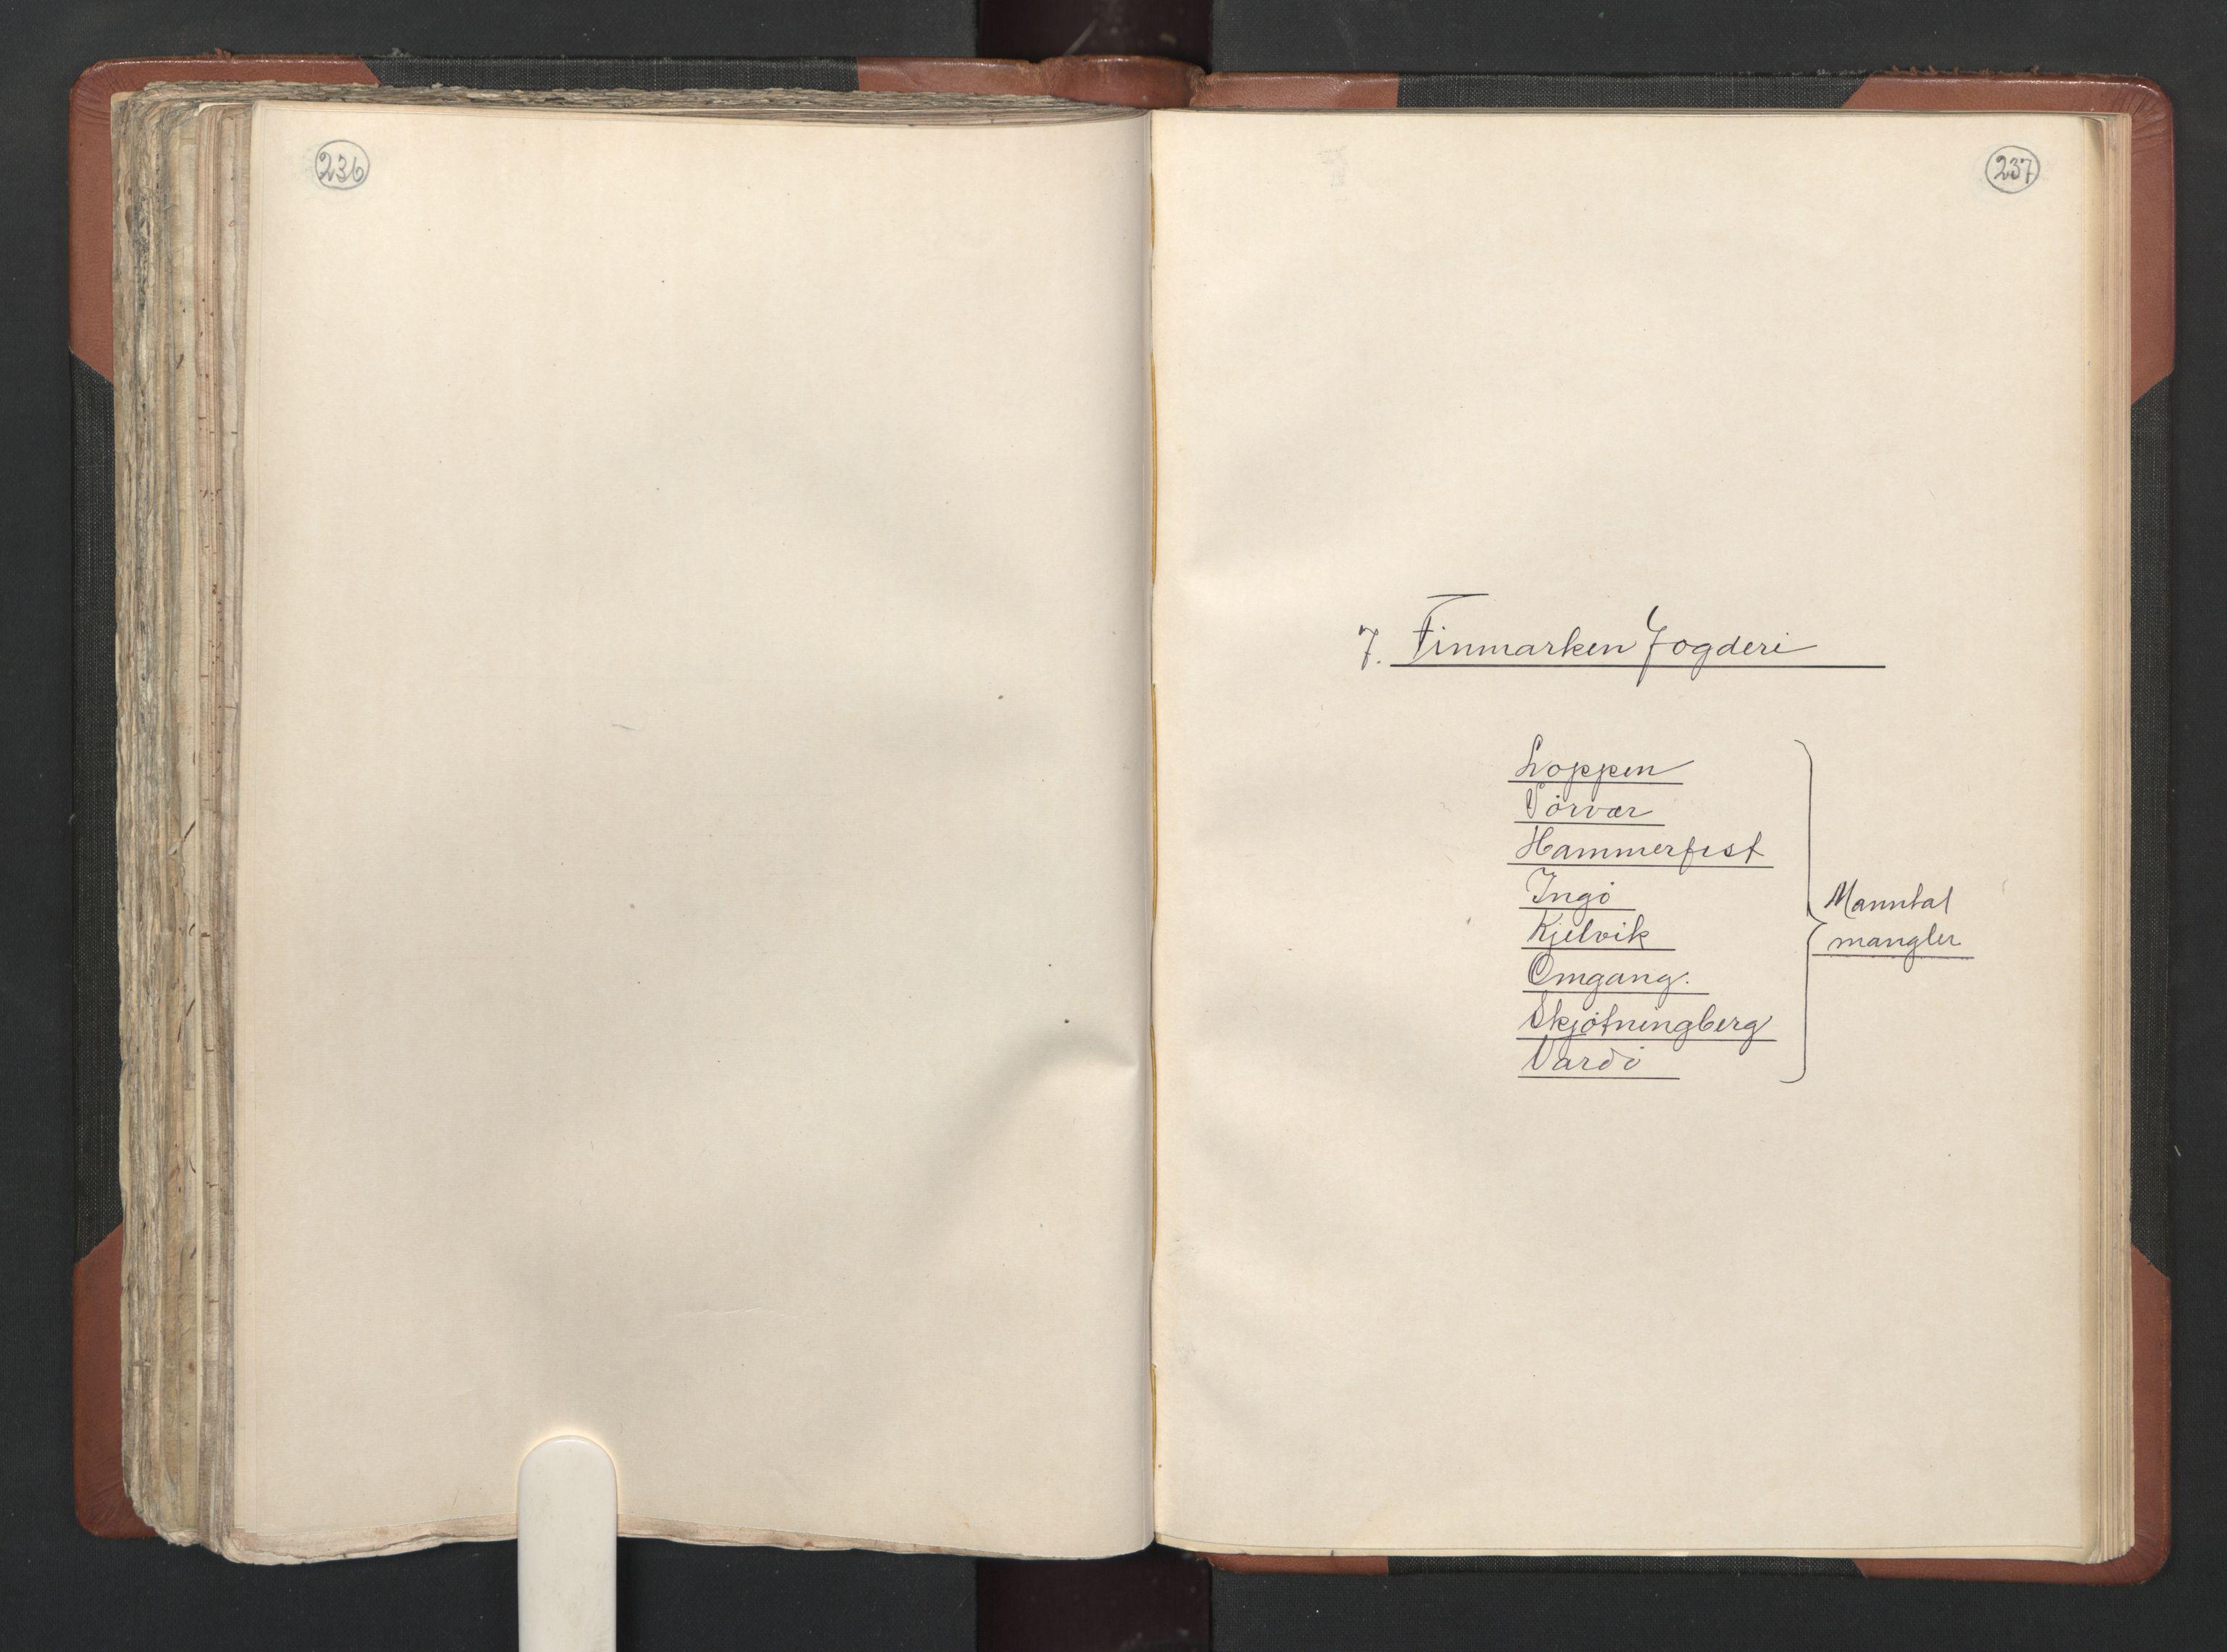 RA, Fogdenes og sorenskrivernes manntall 1664-1666, nr. 20: Fogderier (len og skipreider) i nåværende Nordland fylke, Troms fylke og Finnmark fylke, 1665, s. 236-237